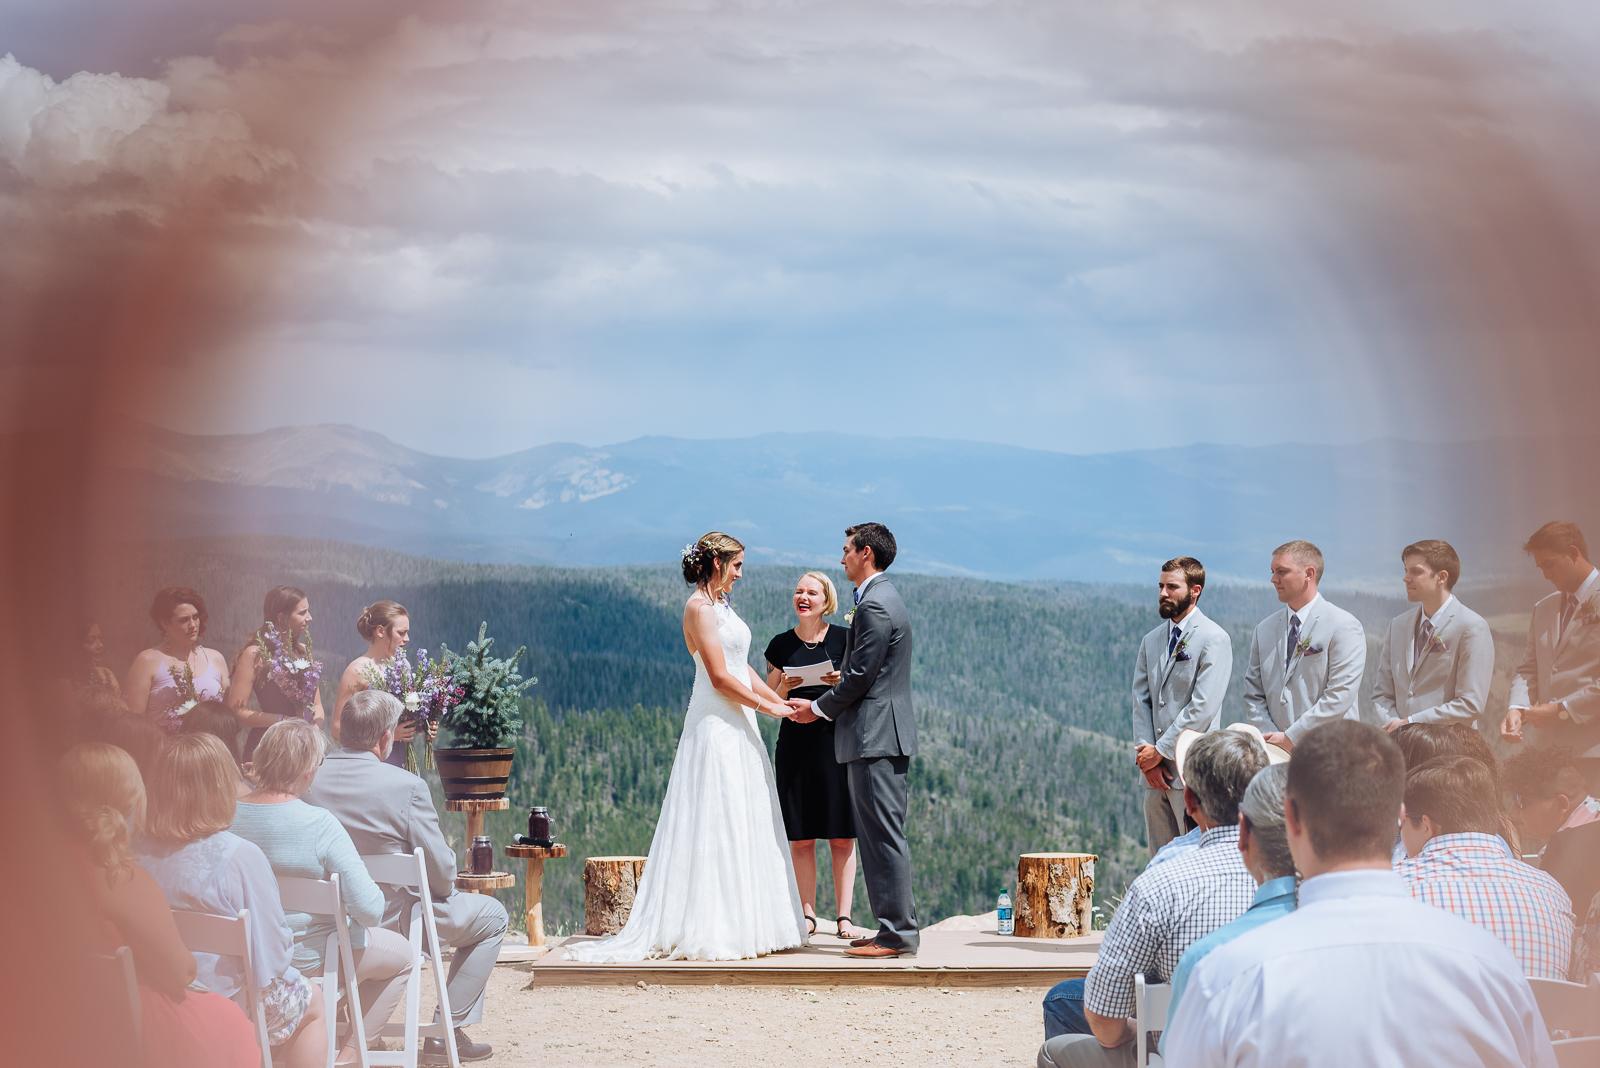 A Wedding With a View | Desirae & Niko